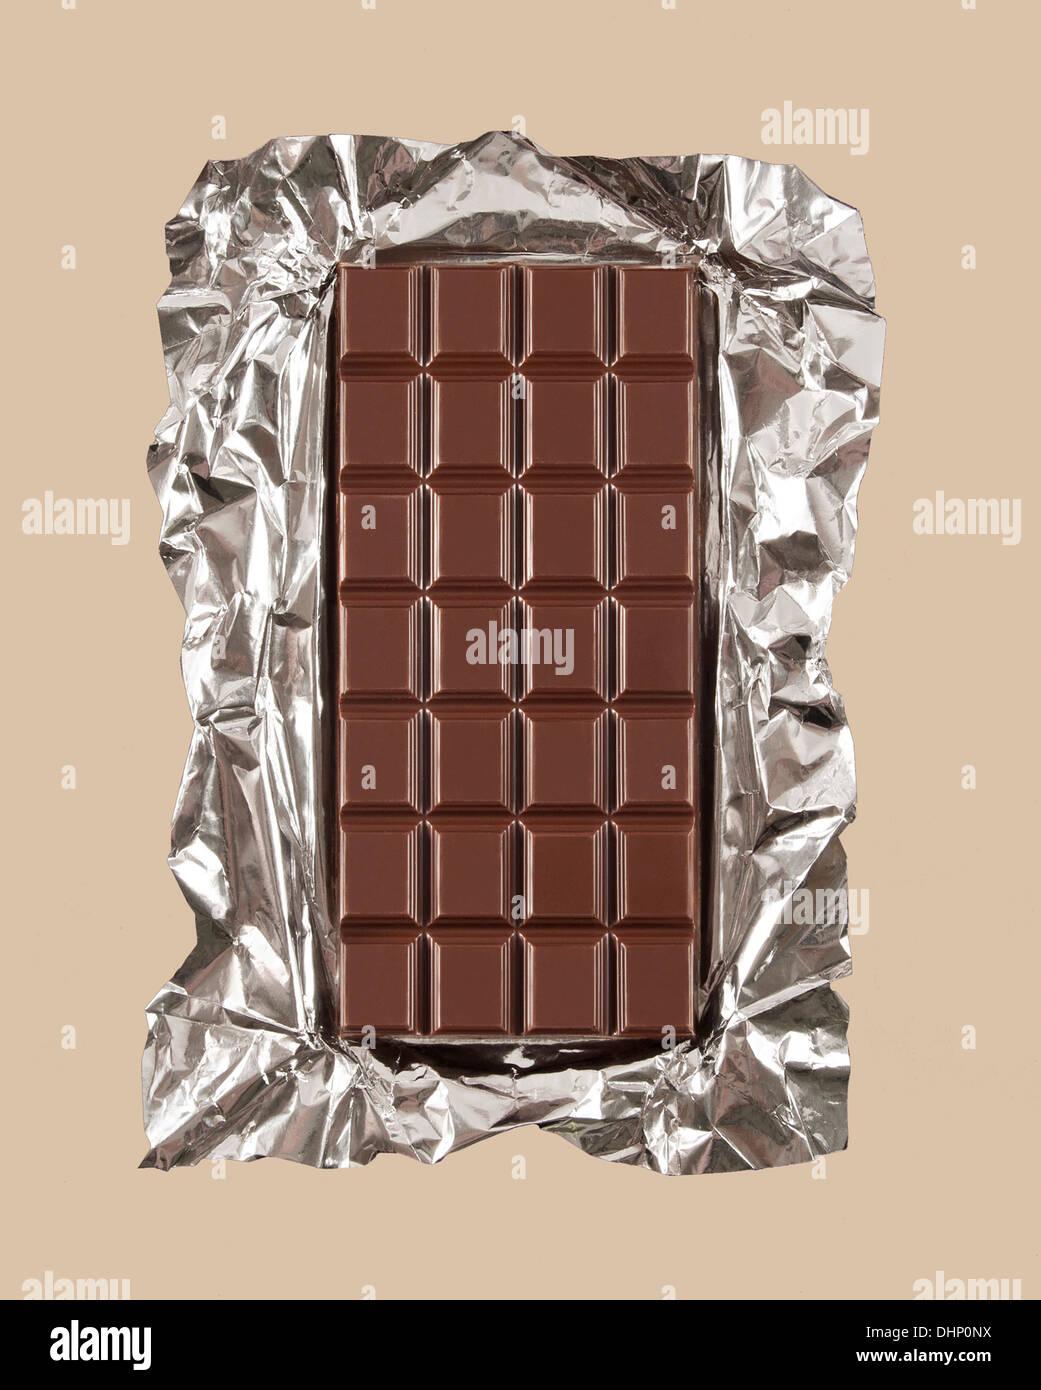 Schokolade Schokoriegel mit Folienverpackung ausgepackt Stockfoto